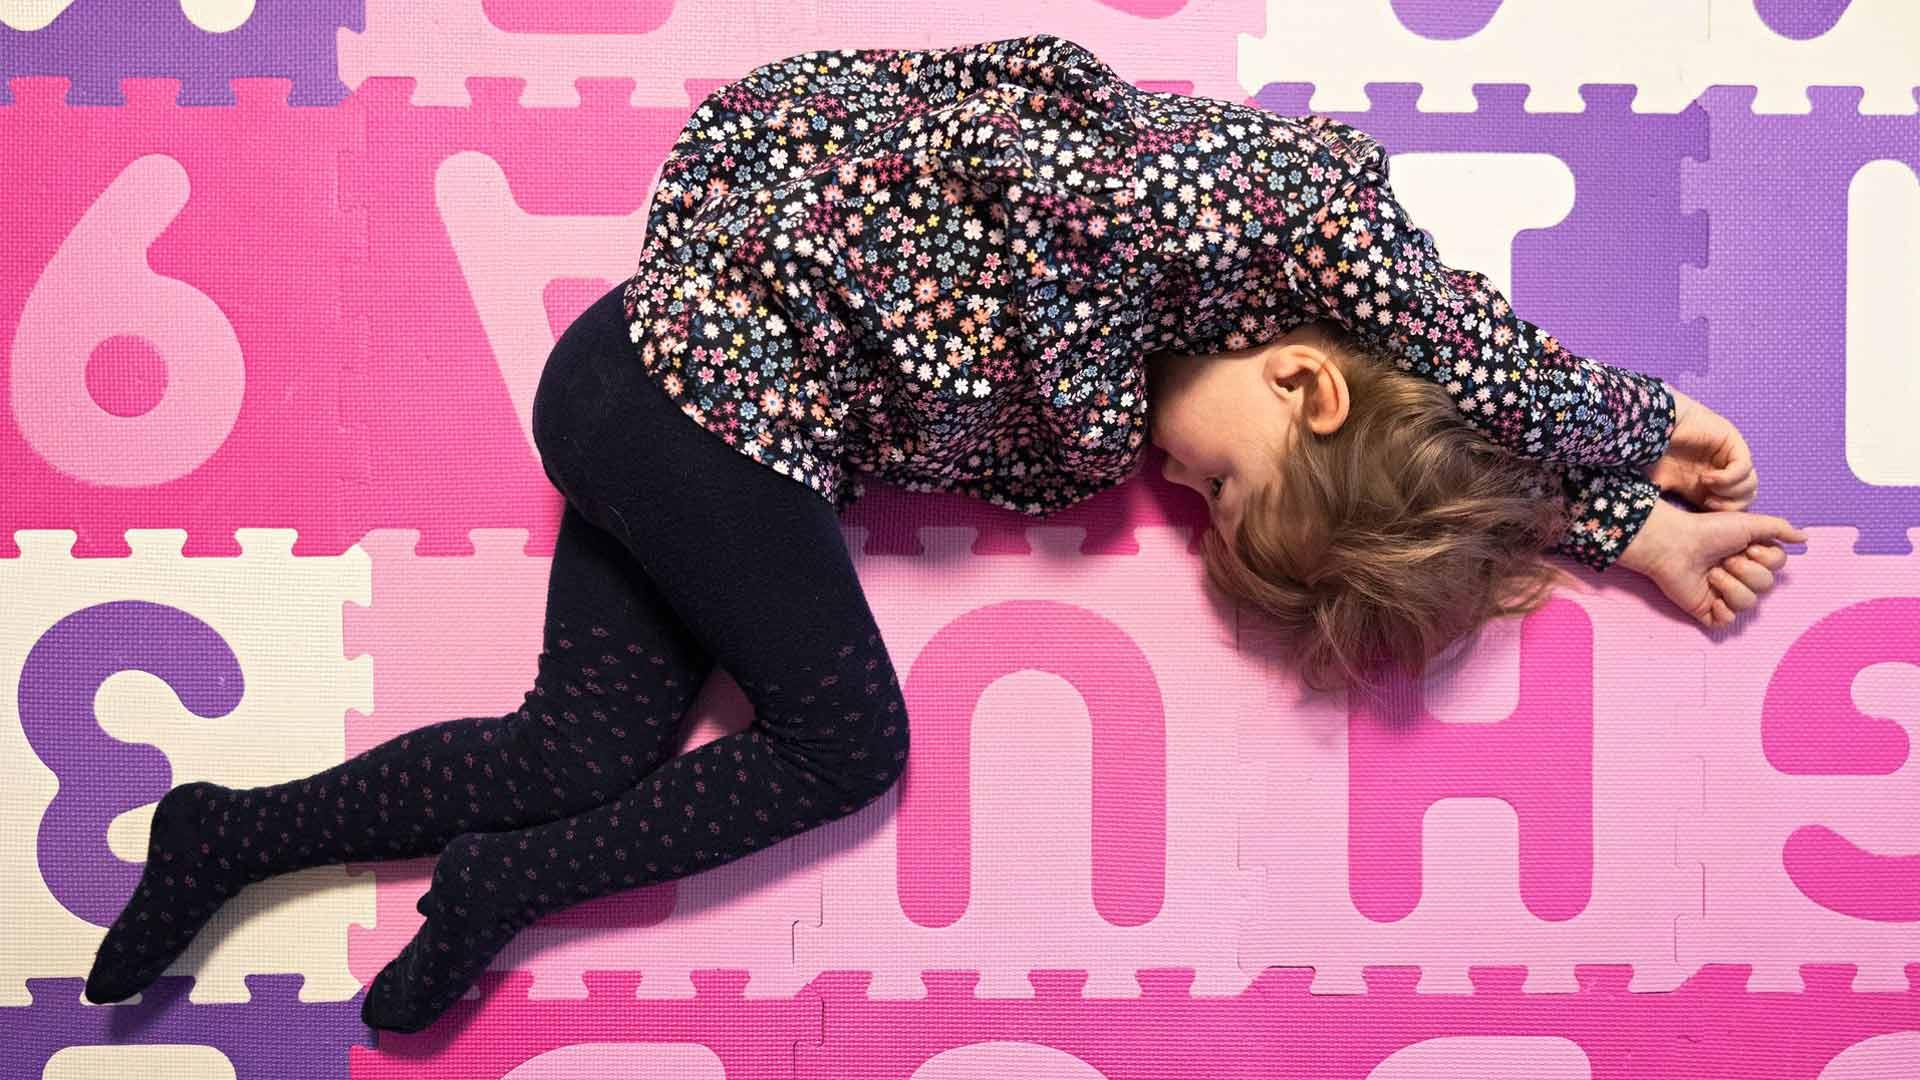 Nelivuotias Iita Kortelainen asuu Siilinjärvellä. Hänen kehitysvammansa syy on niin harvinainen, ettei hänen elämälleen ole ennustetta.